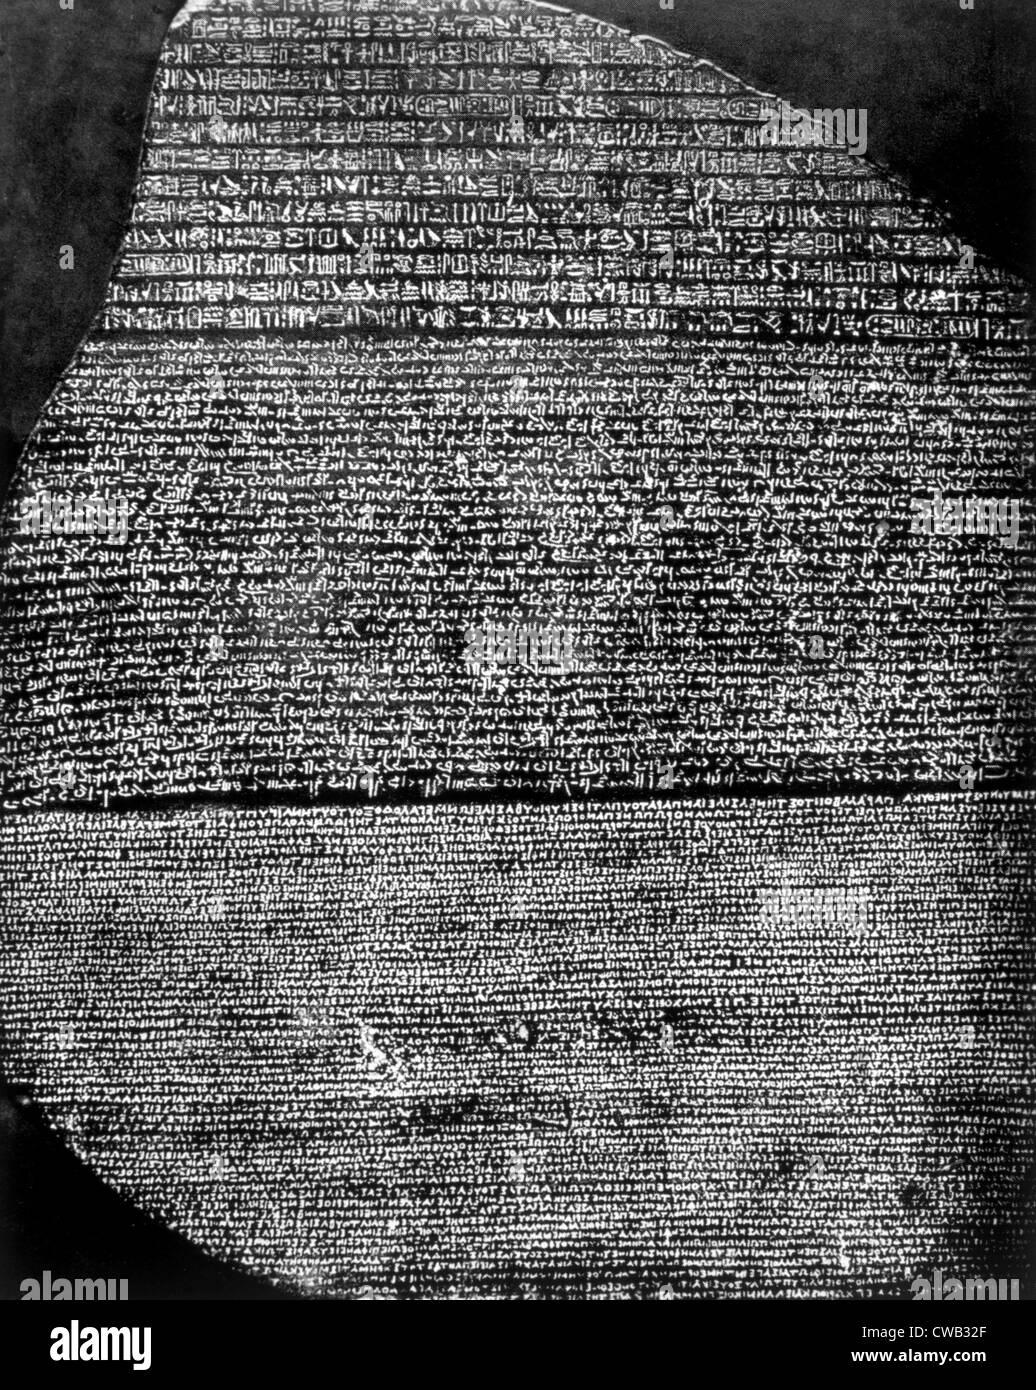 La pierre de Rosette, dalle de basalte inscrit par des prêtres de Ptolémée V en hiéroglyphes, Photo Stock